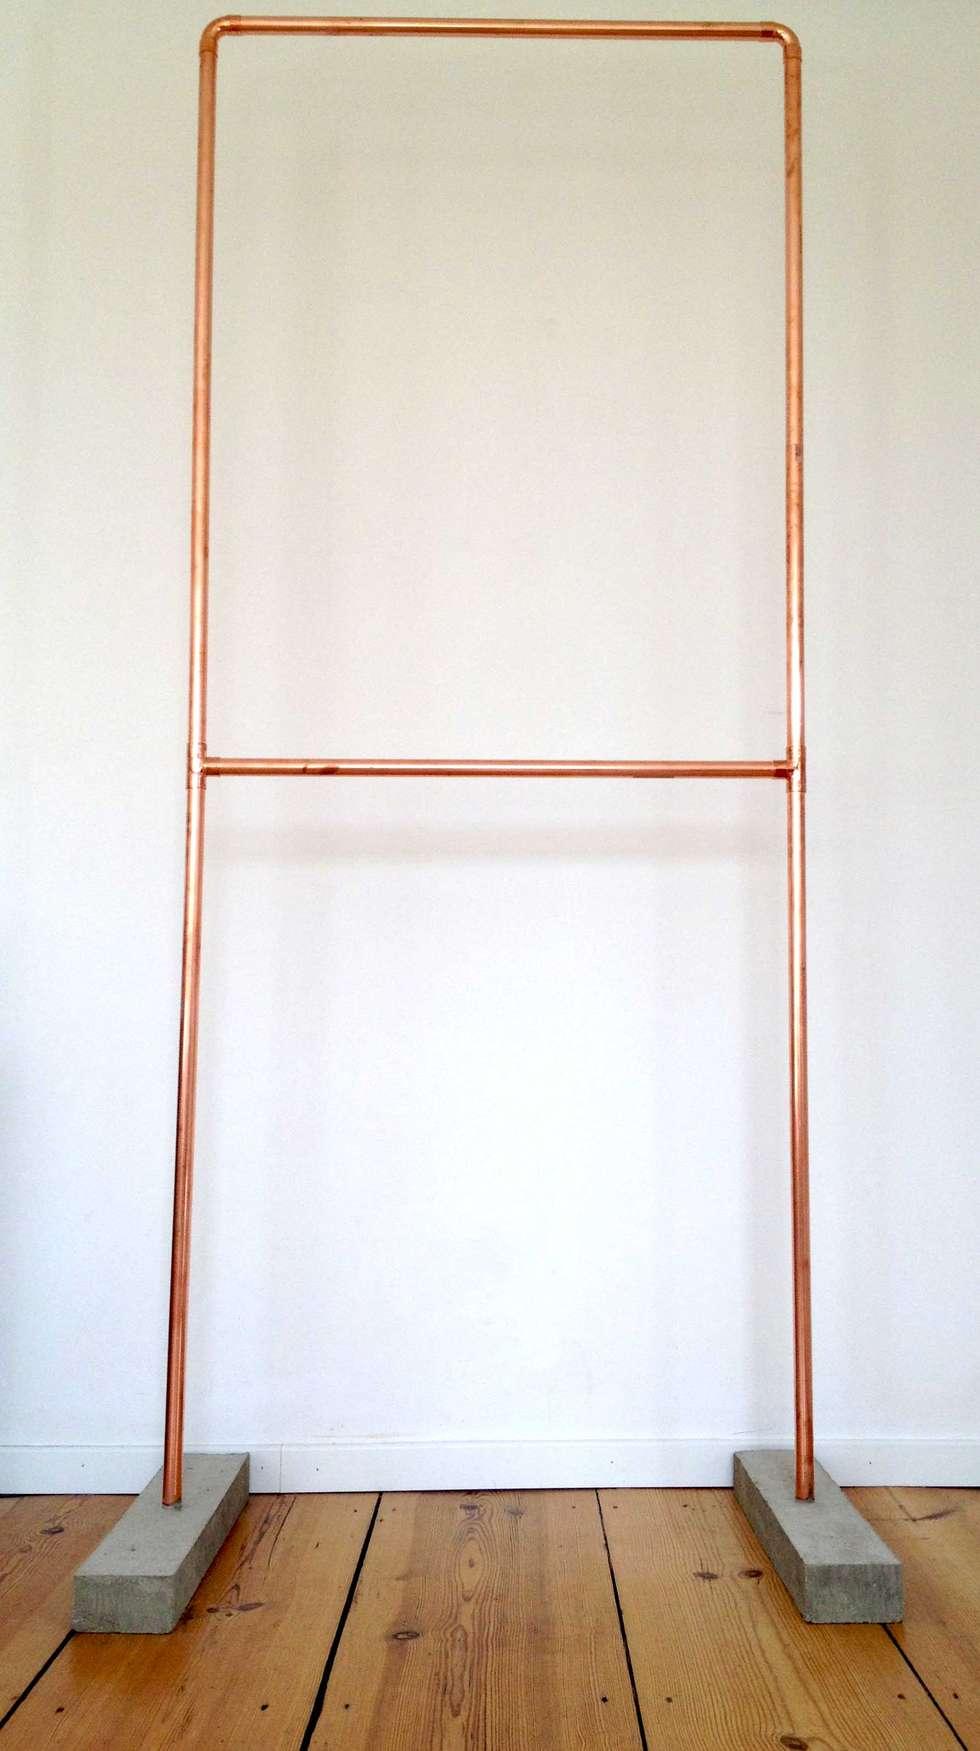 Möbeldesign Hamburg wohnideen interior design einrichtungsideen bilder homify